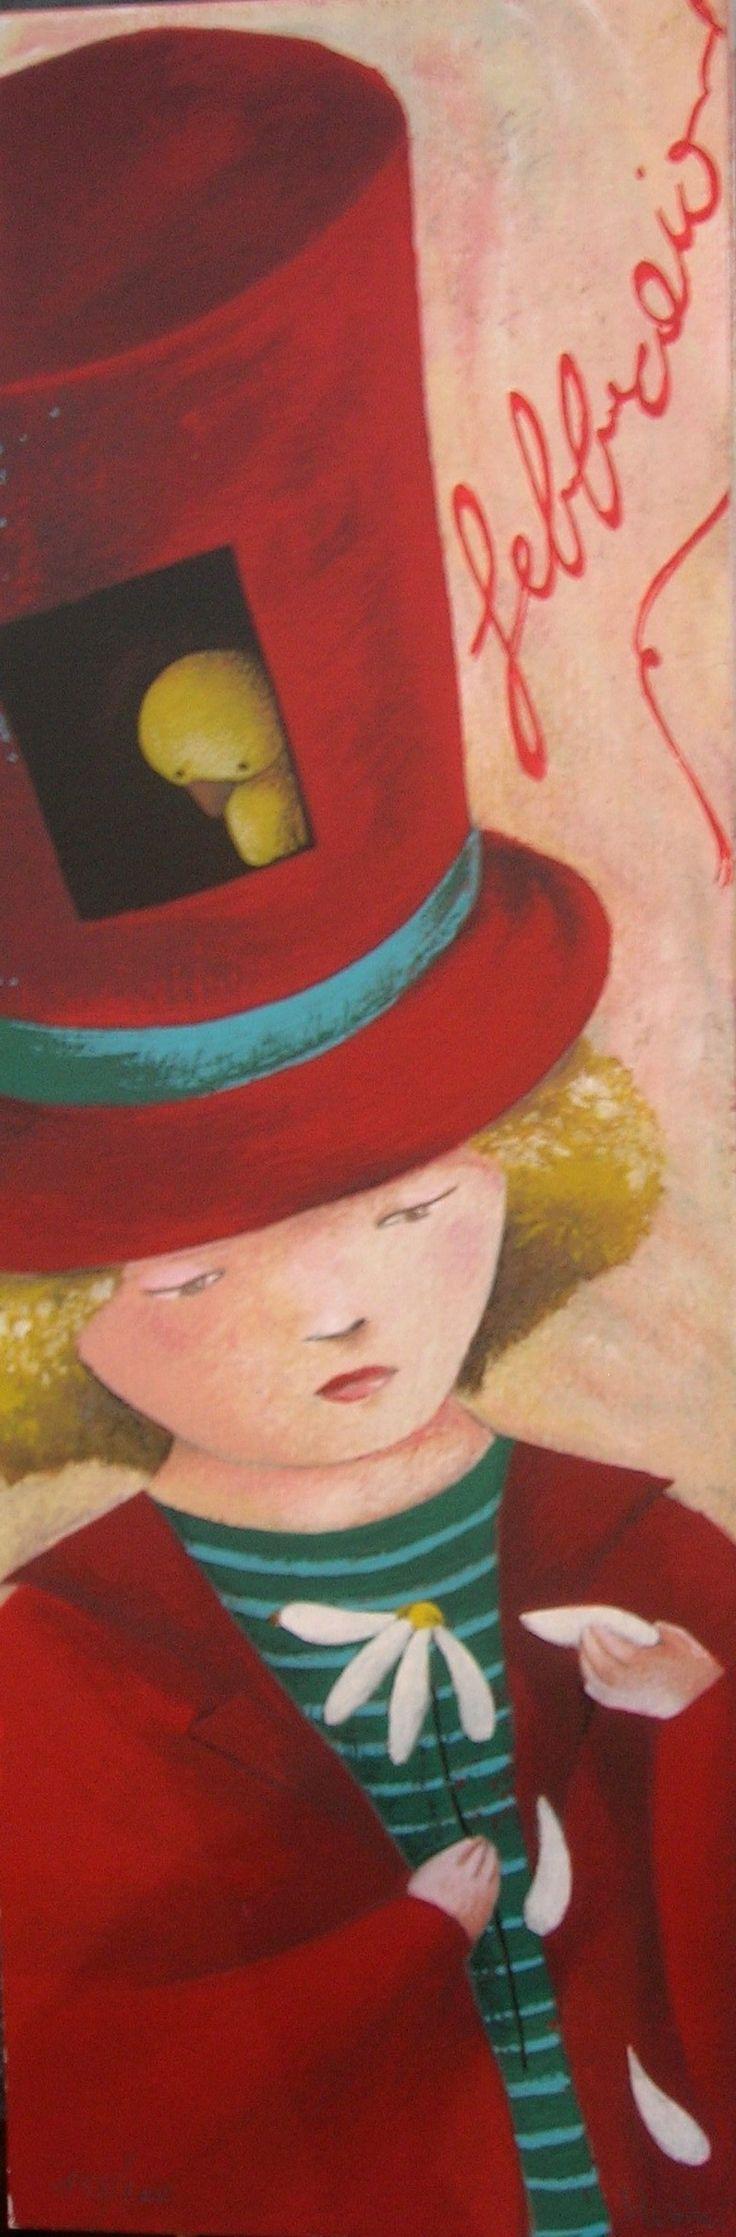 I 12 sogni di MU - Febbraio http://www.galleria-galp.it/shop/index.php/artisti/muriel-mesini/i-12-sogni-di-mu-febbraio.html